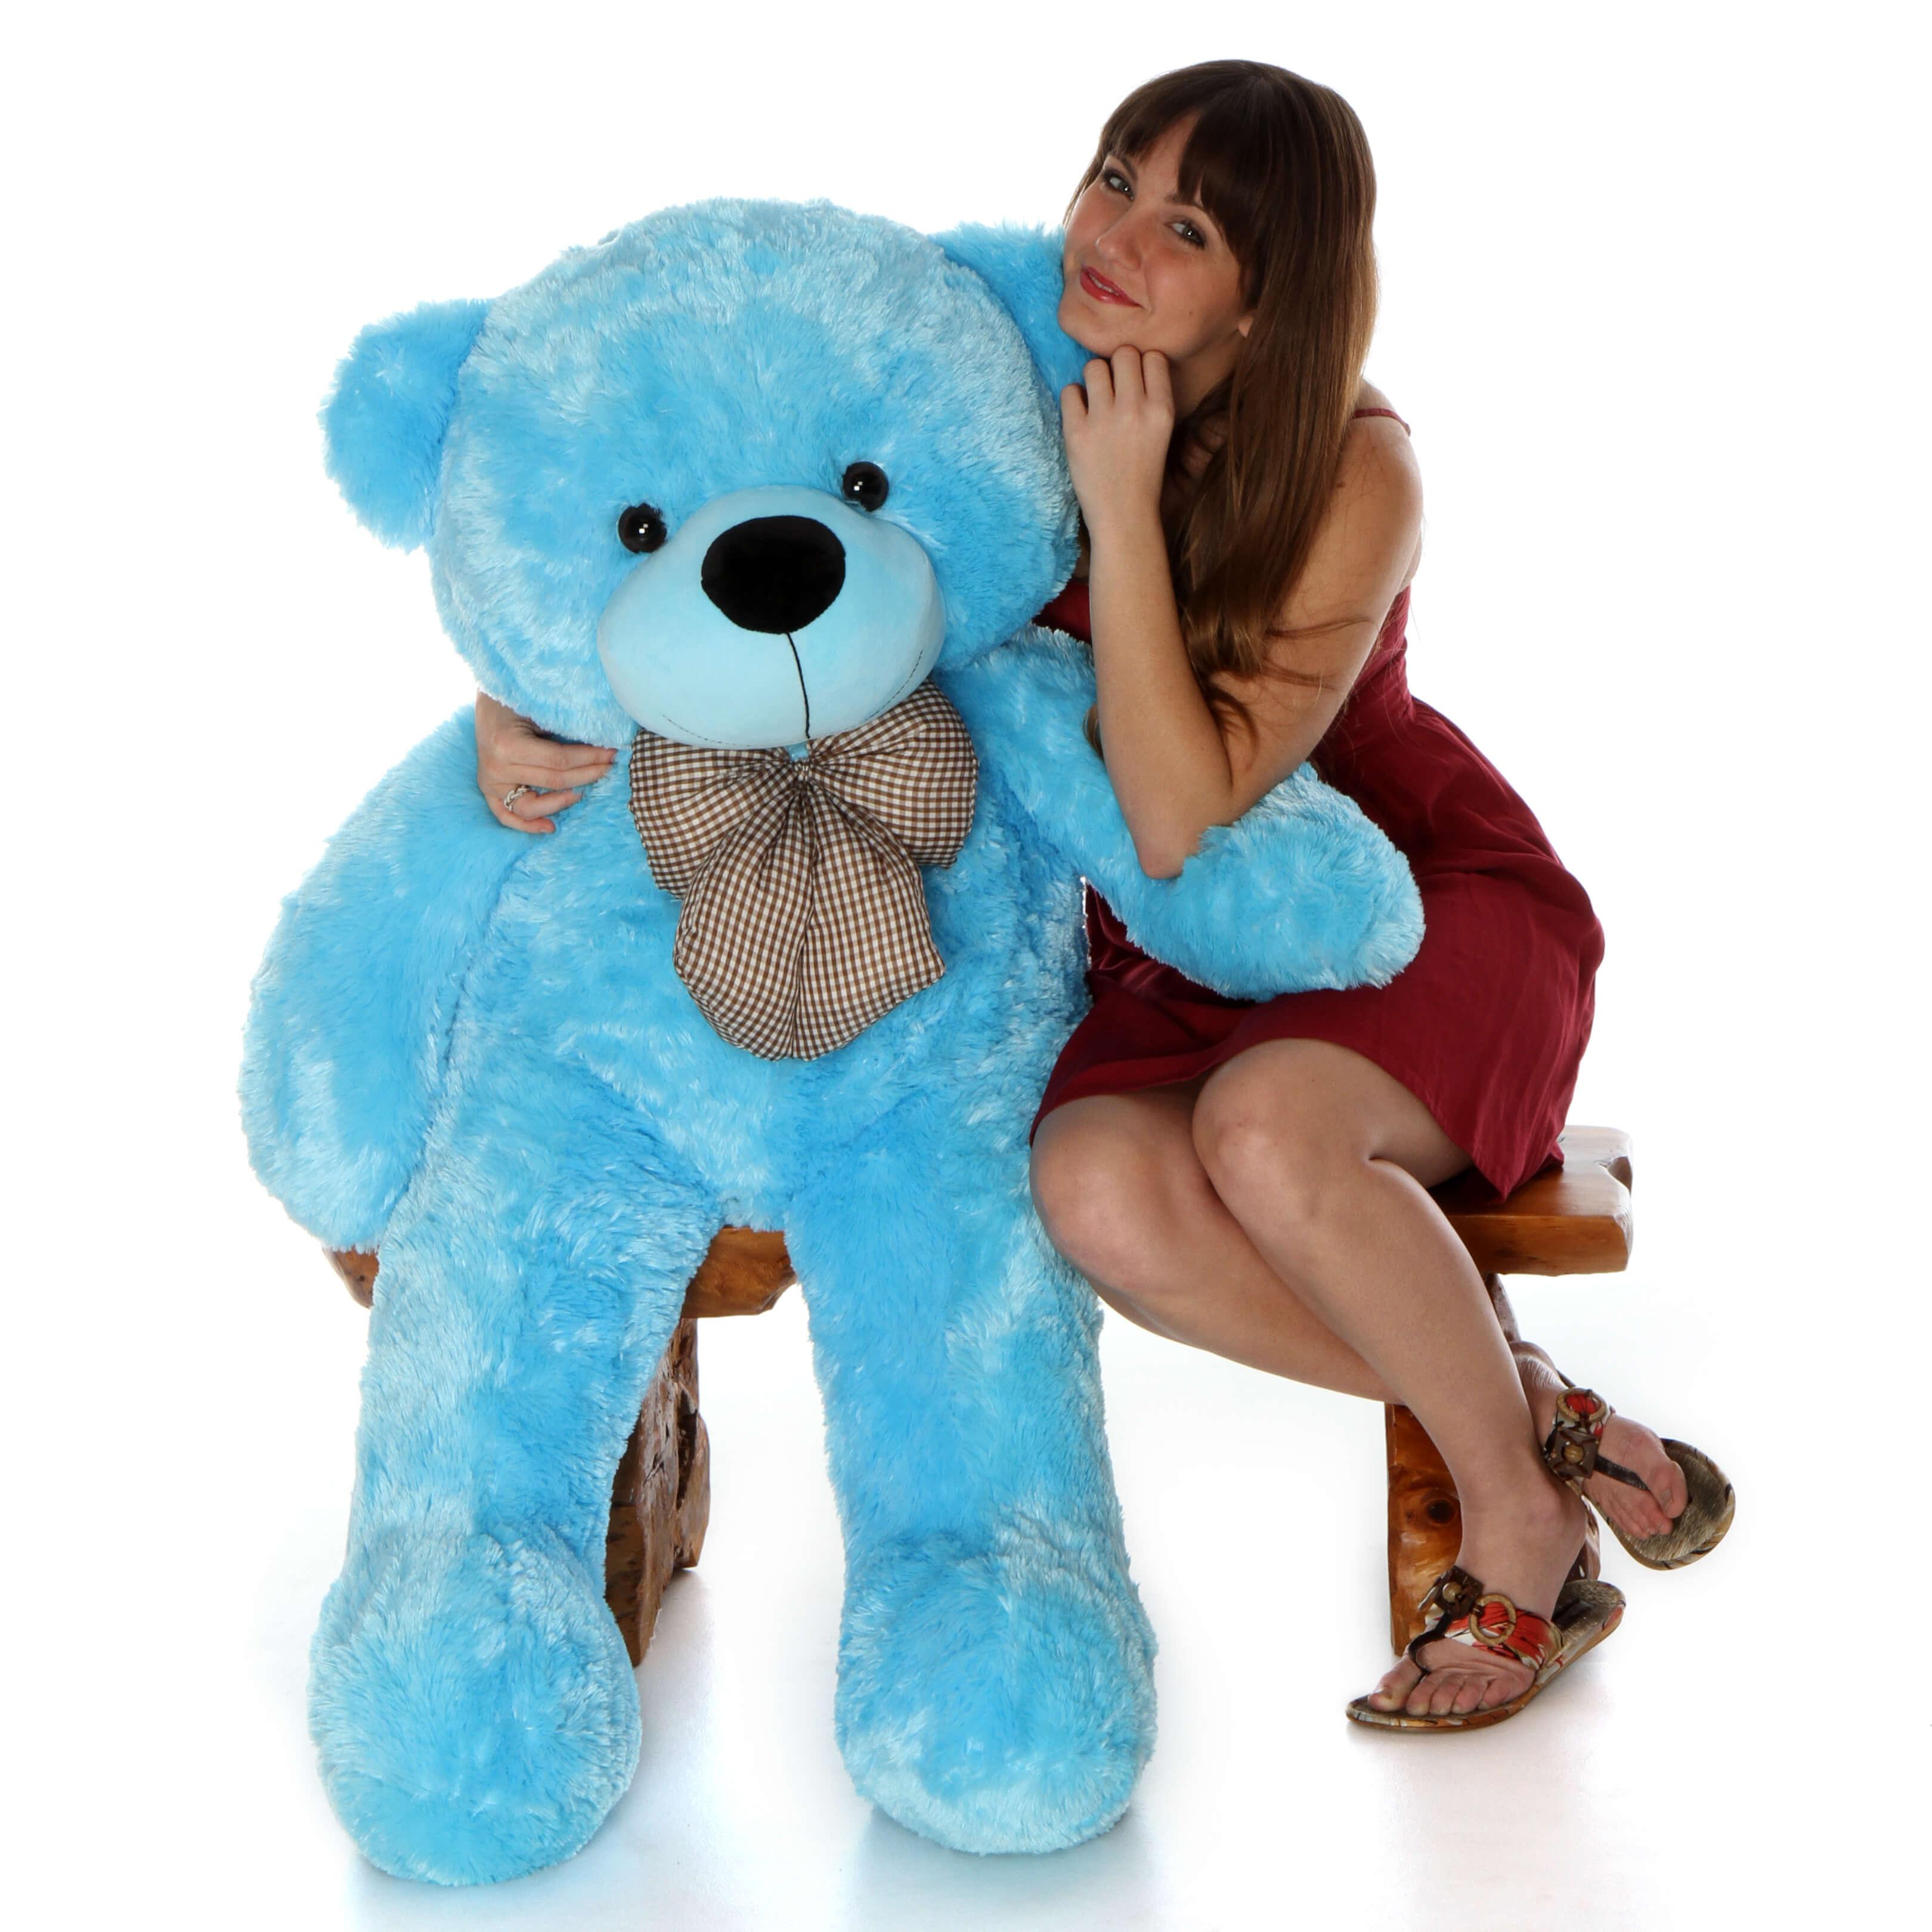 life-size-blue-teddy-bear-happy-cuddles-48in-1.jpg